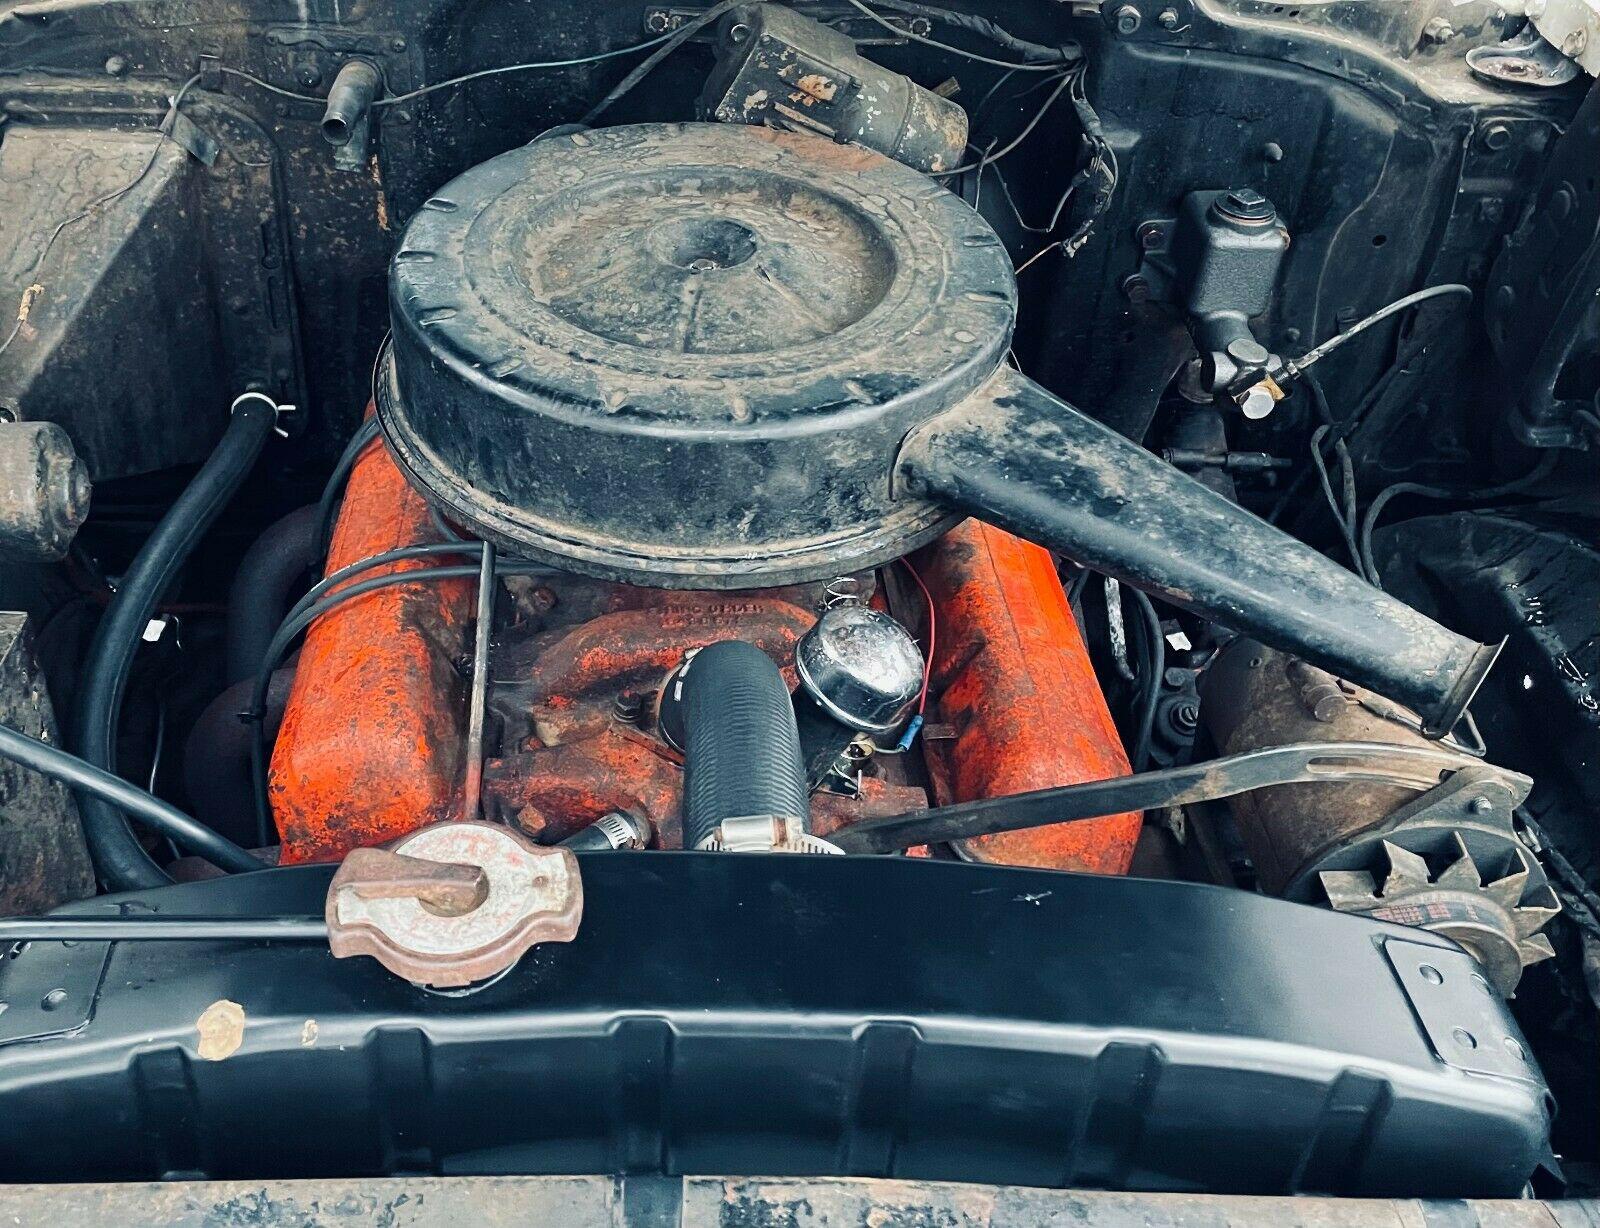 Chevrolet Bel Air 1957 tìm thấy trong nhà kho bỏ hoang sau nhiều thập kỷ, động cơ V8 chạy ngon lành - Ảnh 9.